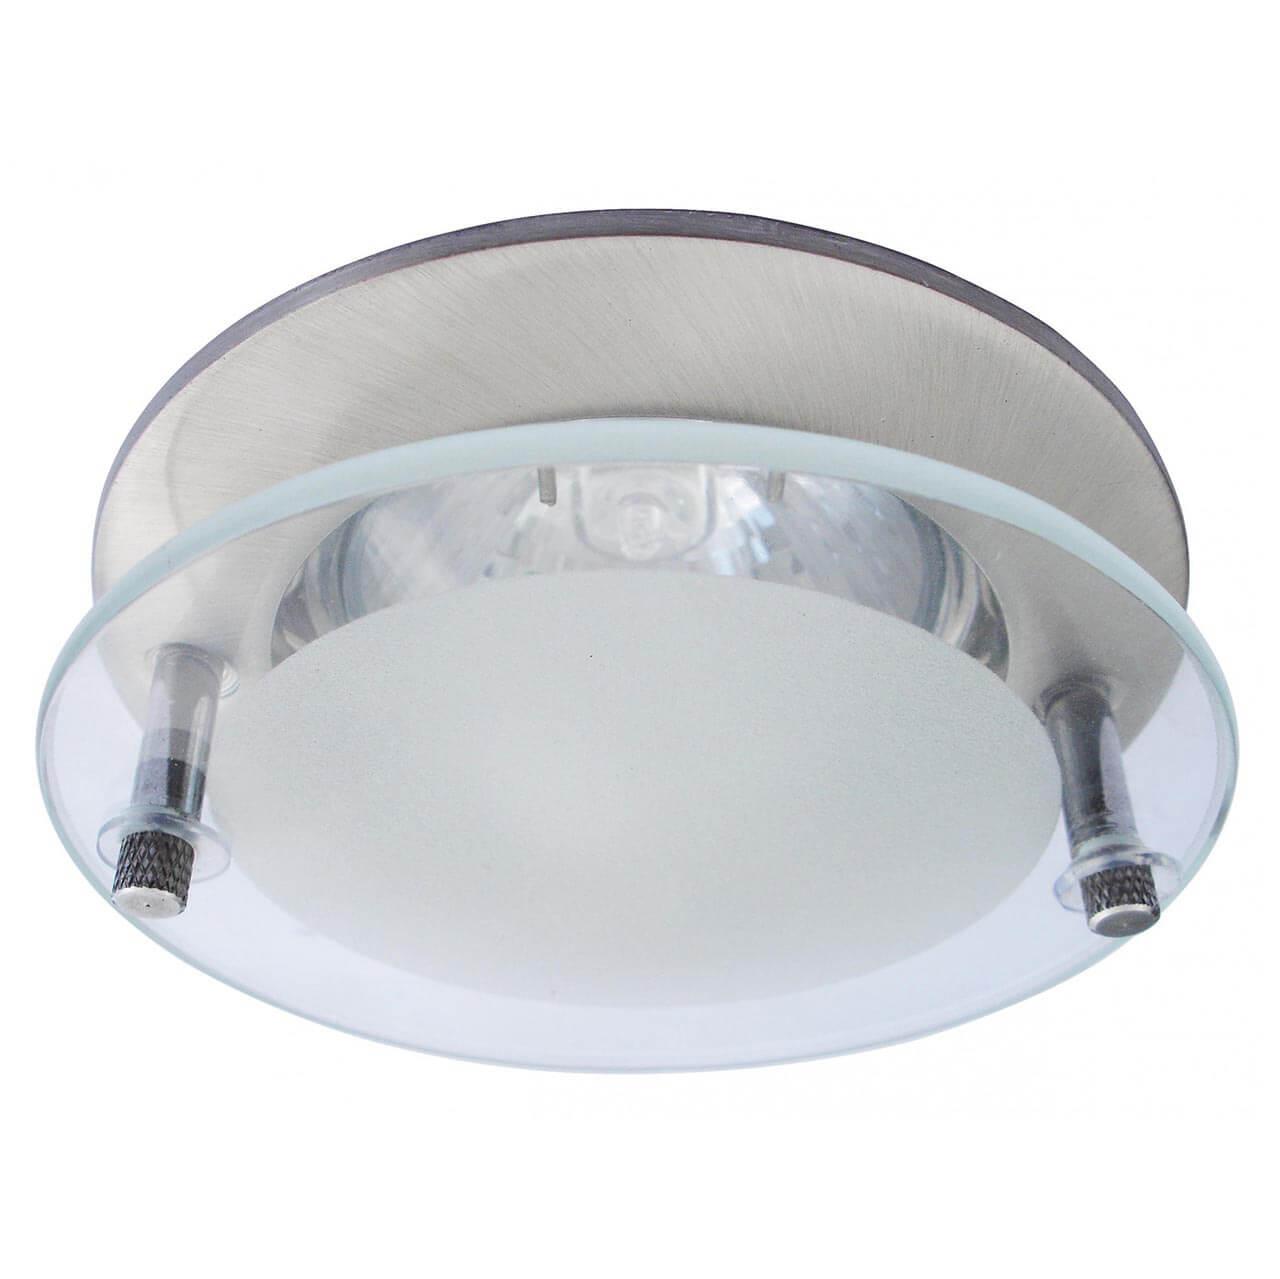 Встраиваемый светильник Arte Lamp Topic (компл. 3шт.) A2750PL-3SS цена 2017